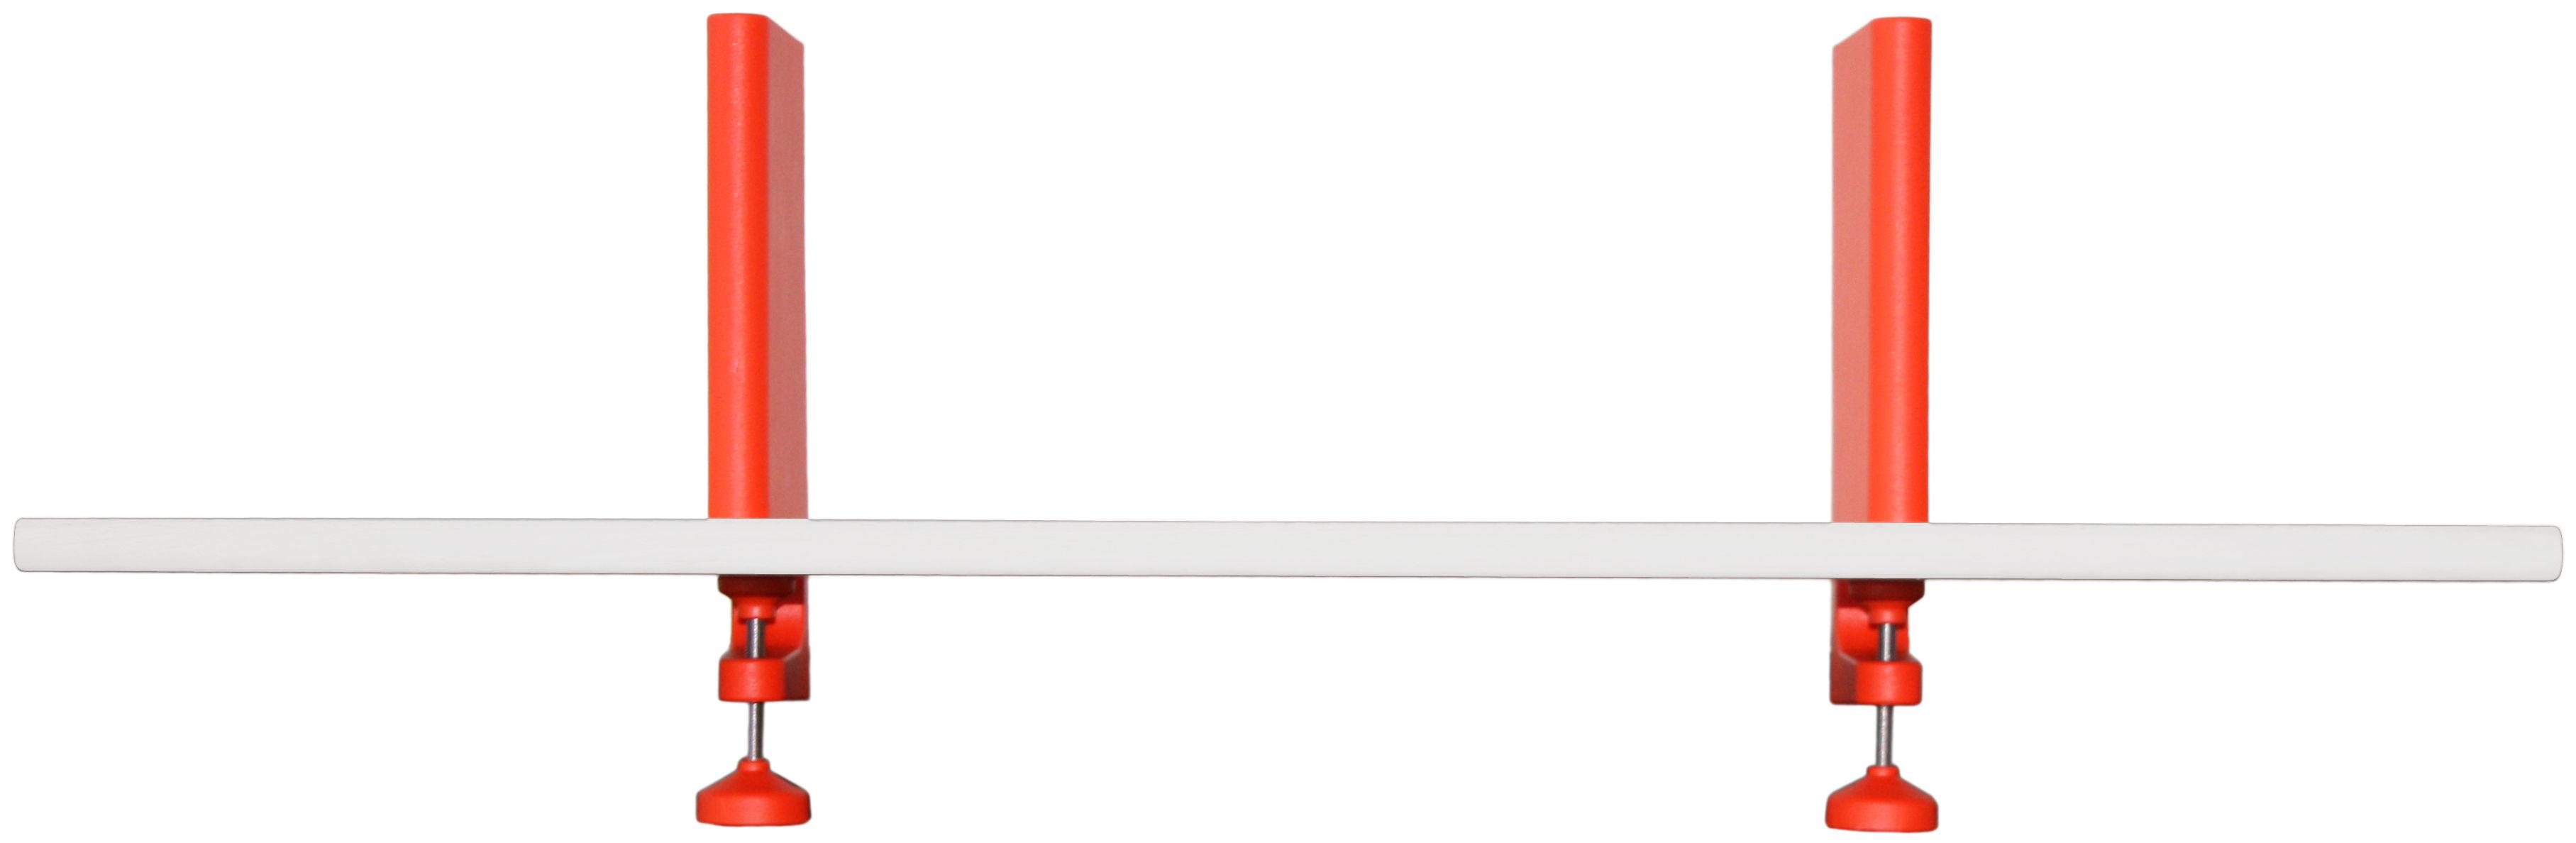 Mobilier - Etagères & bibliothèques - Etagère Spike - The Wild Bunch / L 120 cm - Magis - Acier blanc - Acier verni